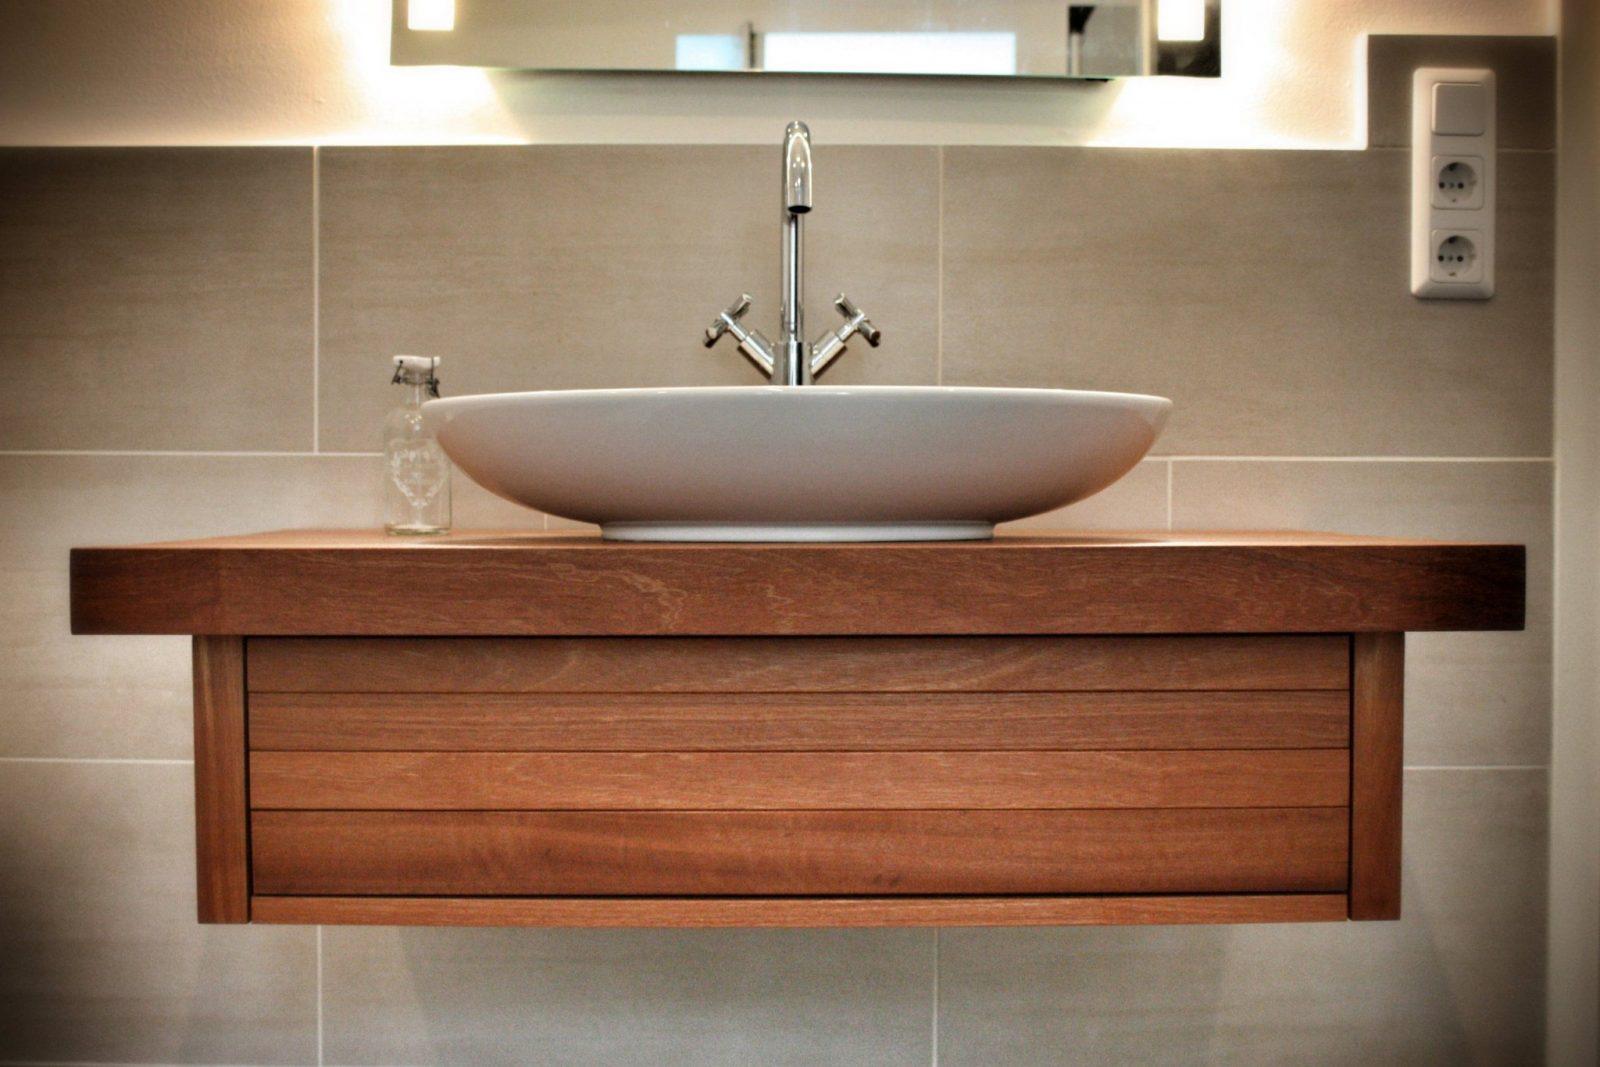 Solids M1 Saint George Waschtisch Aus Holz  Waschbeckenunterschrank von Waschtisch Holz Mit Aufsatzwaschbecken Bild